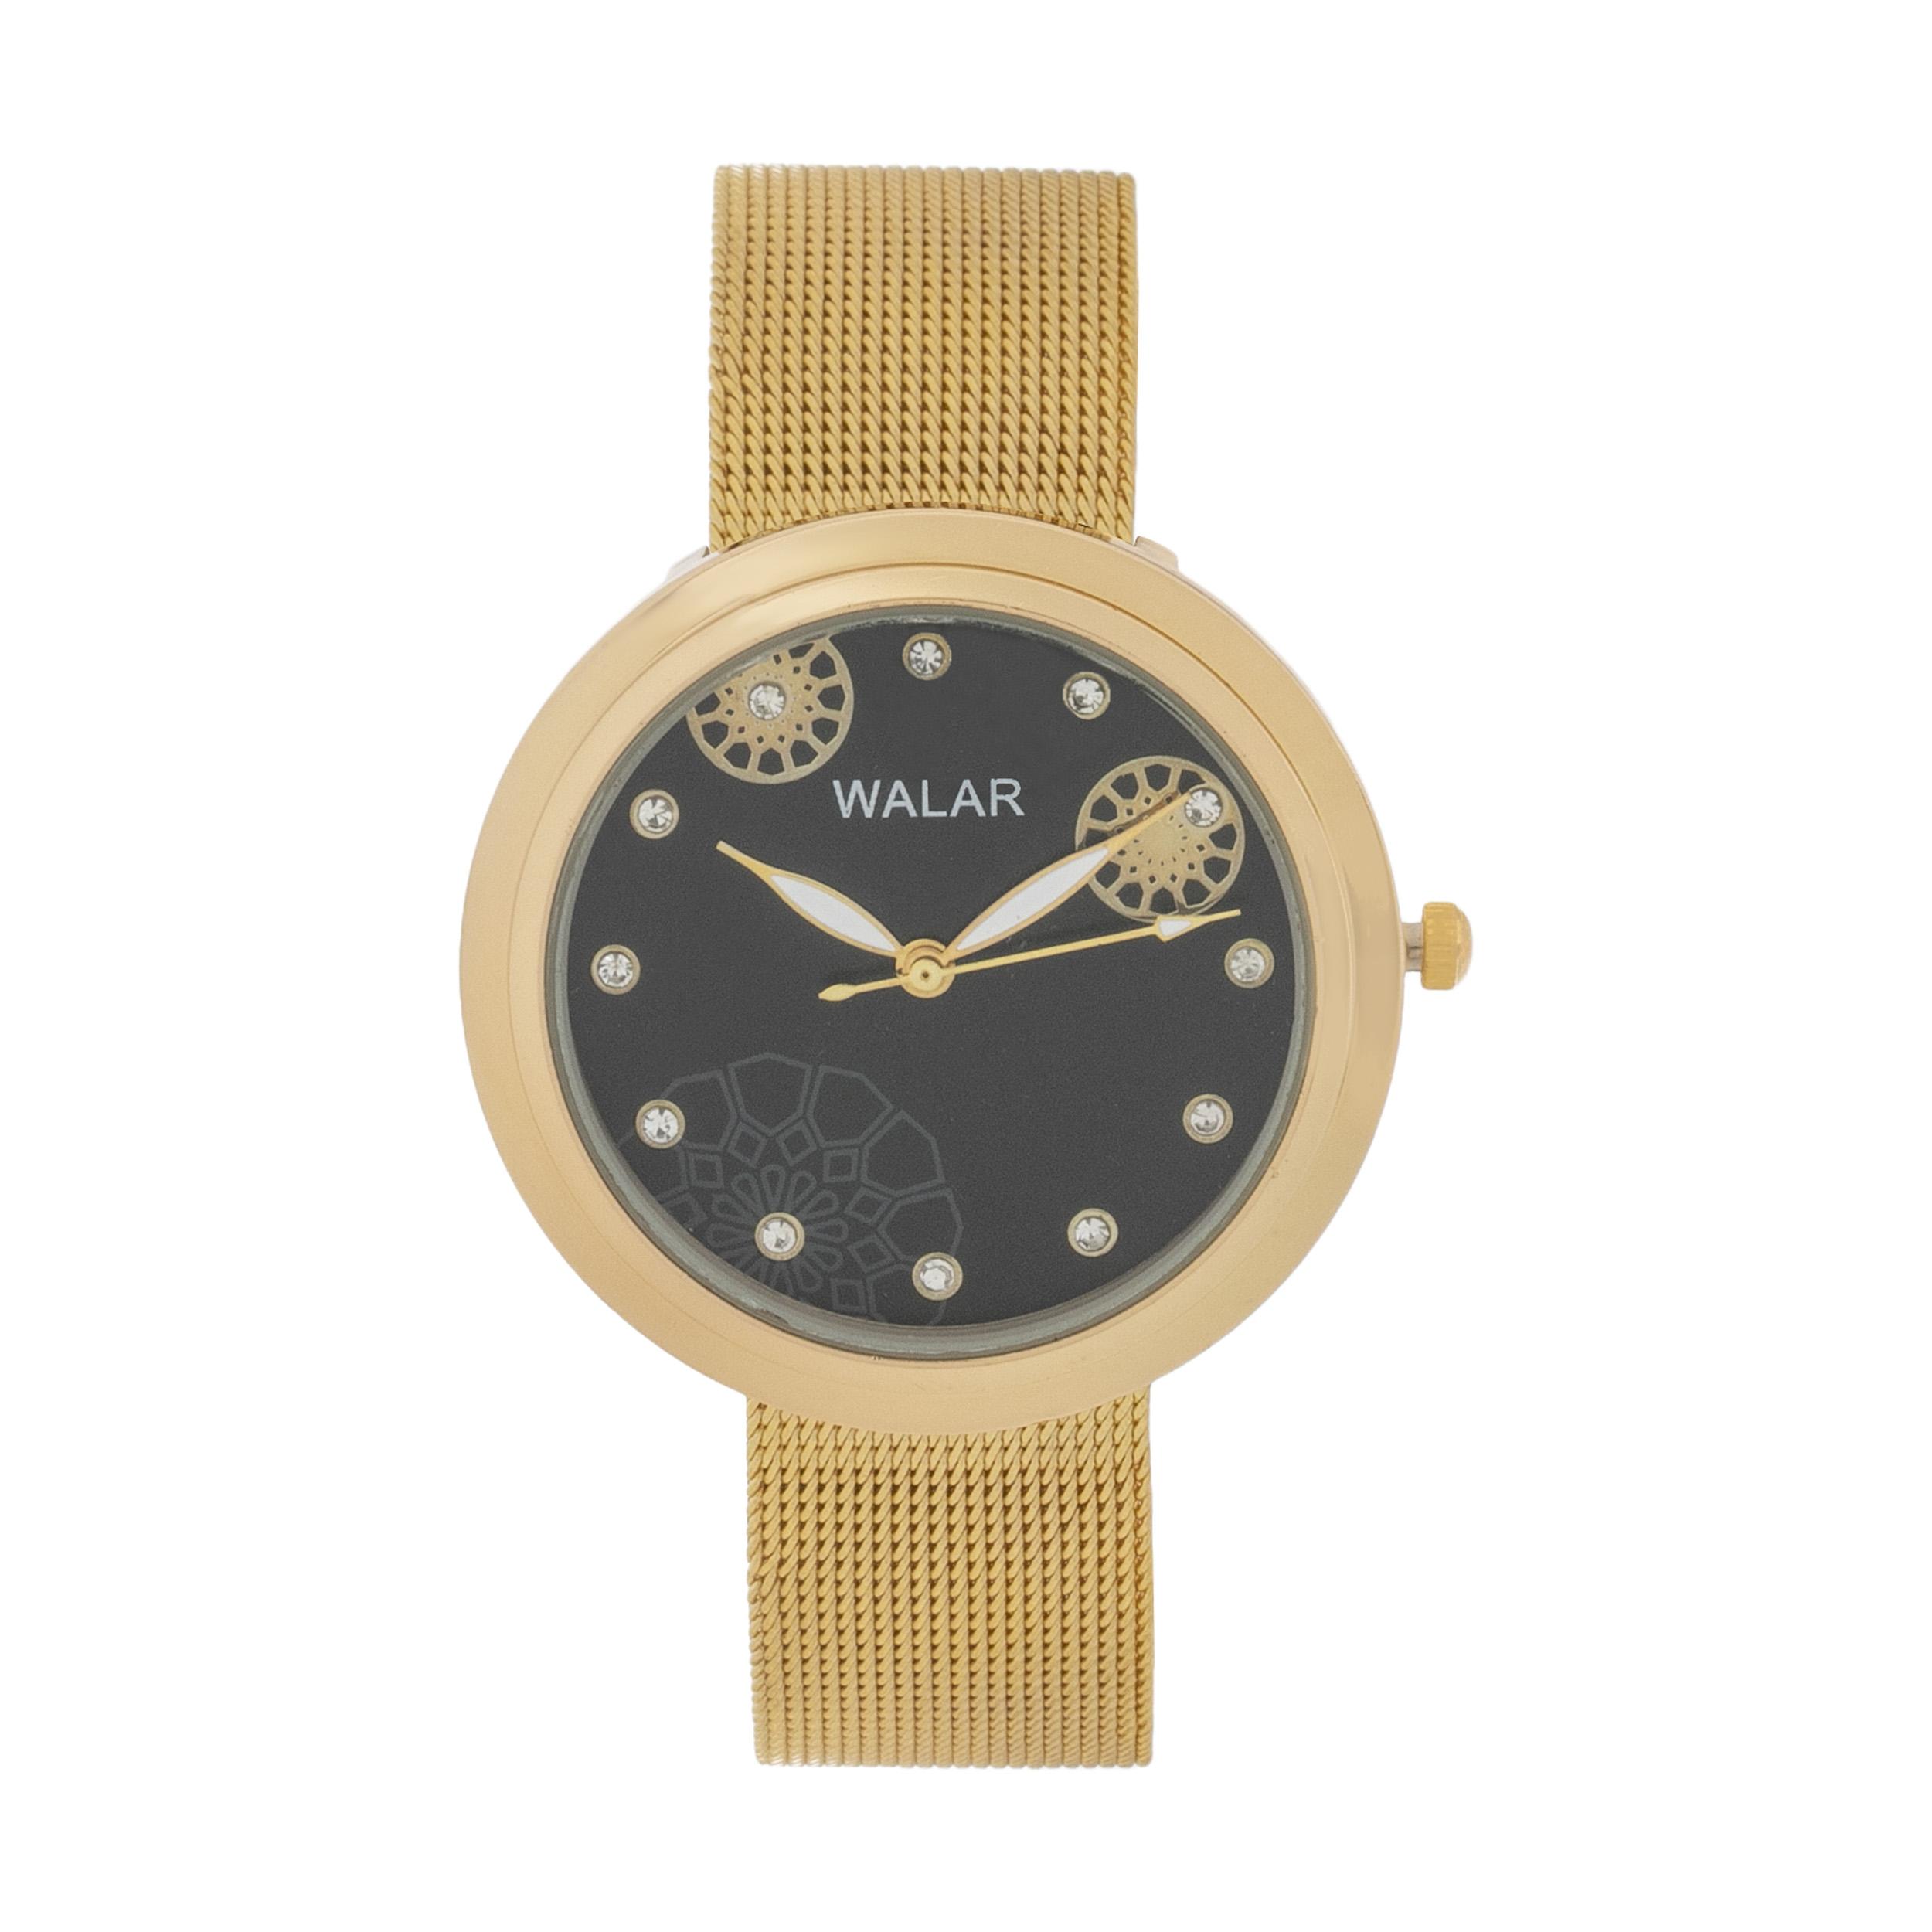 ساعت مچی عقربه ای زنانه والار مدل w2482fd               ارزان